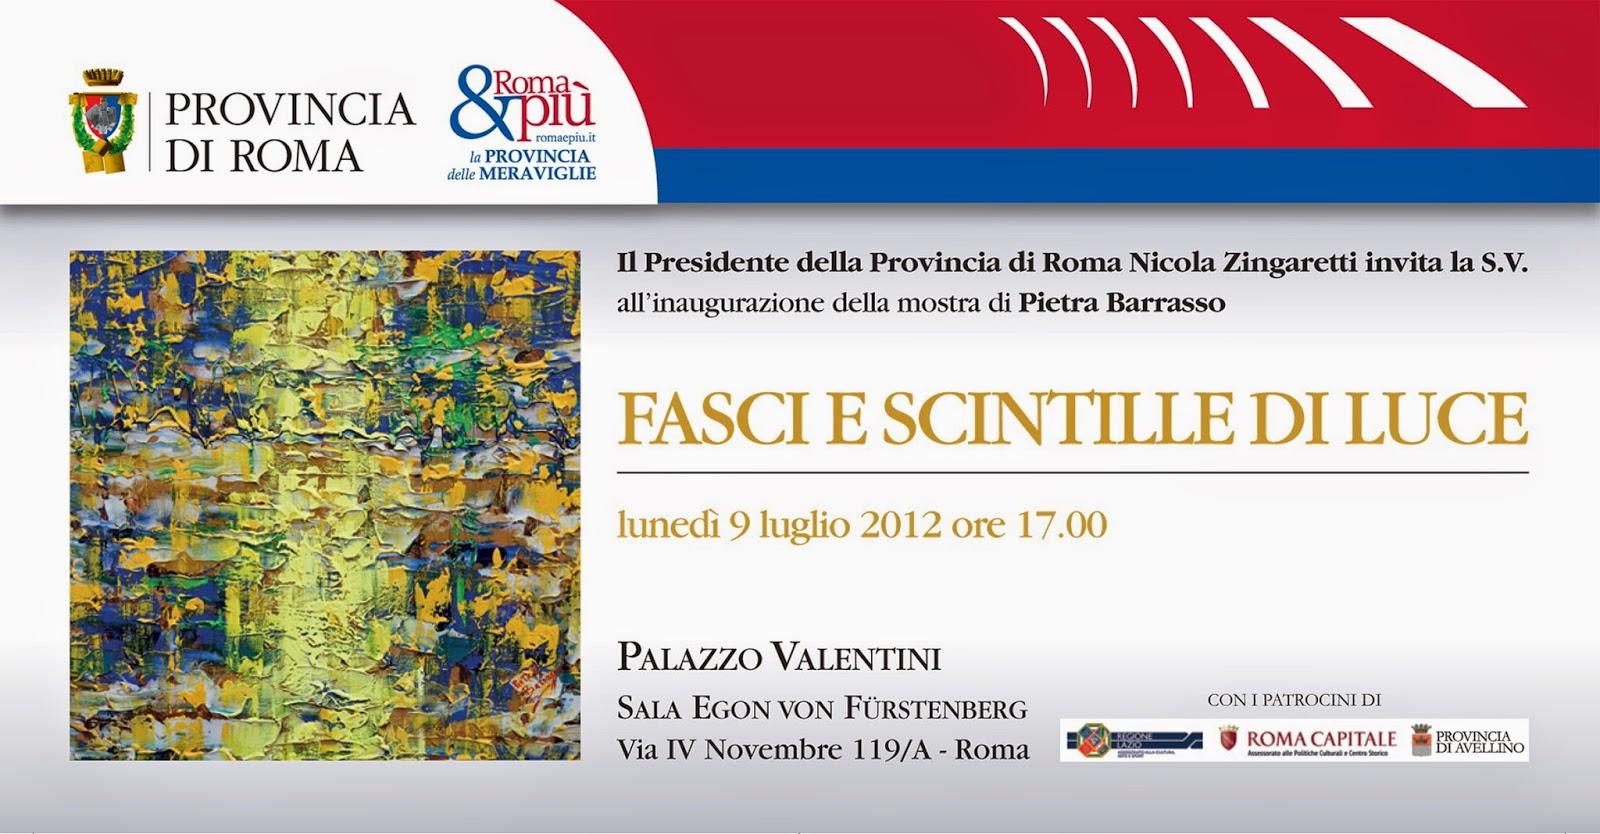 http://inarte-blog.blogspot.it/2012/06/pietra-barrasso-fasci-e-scintille-di.html